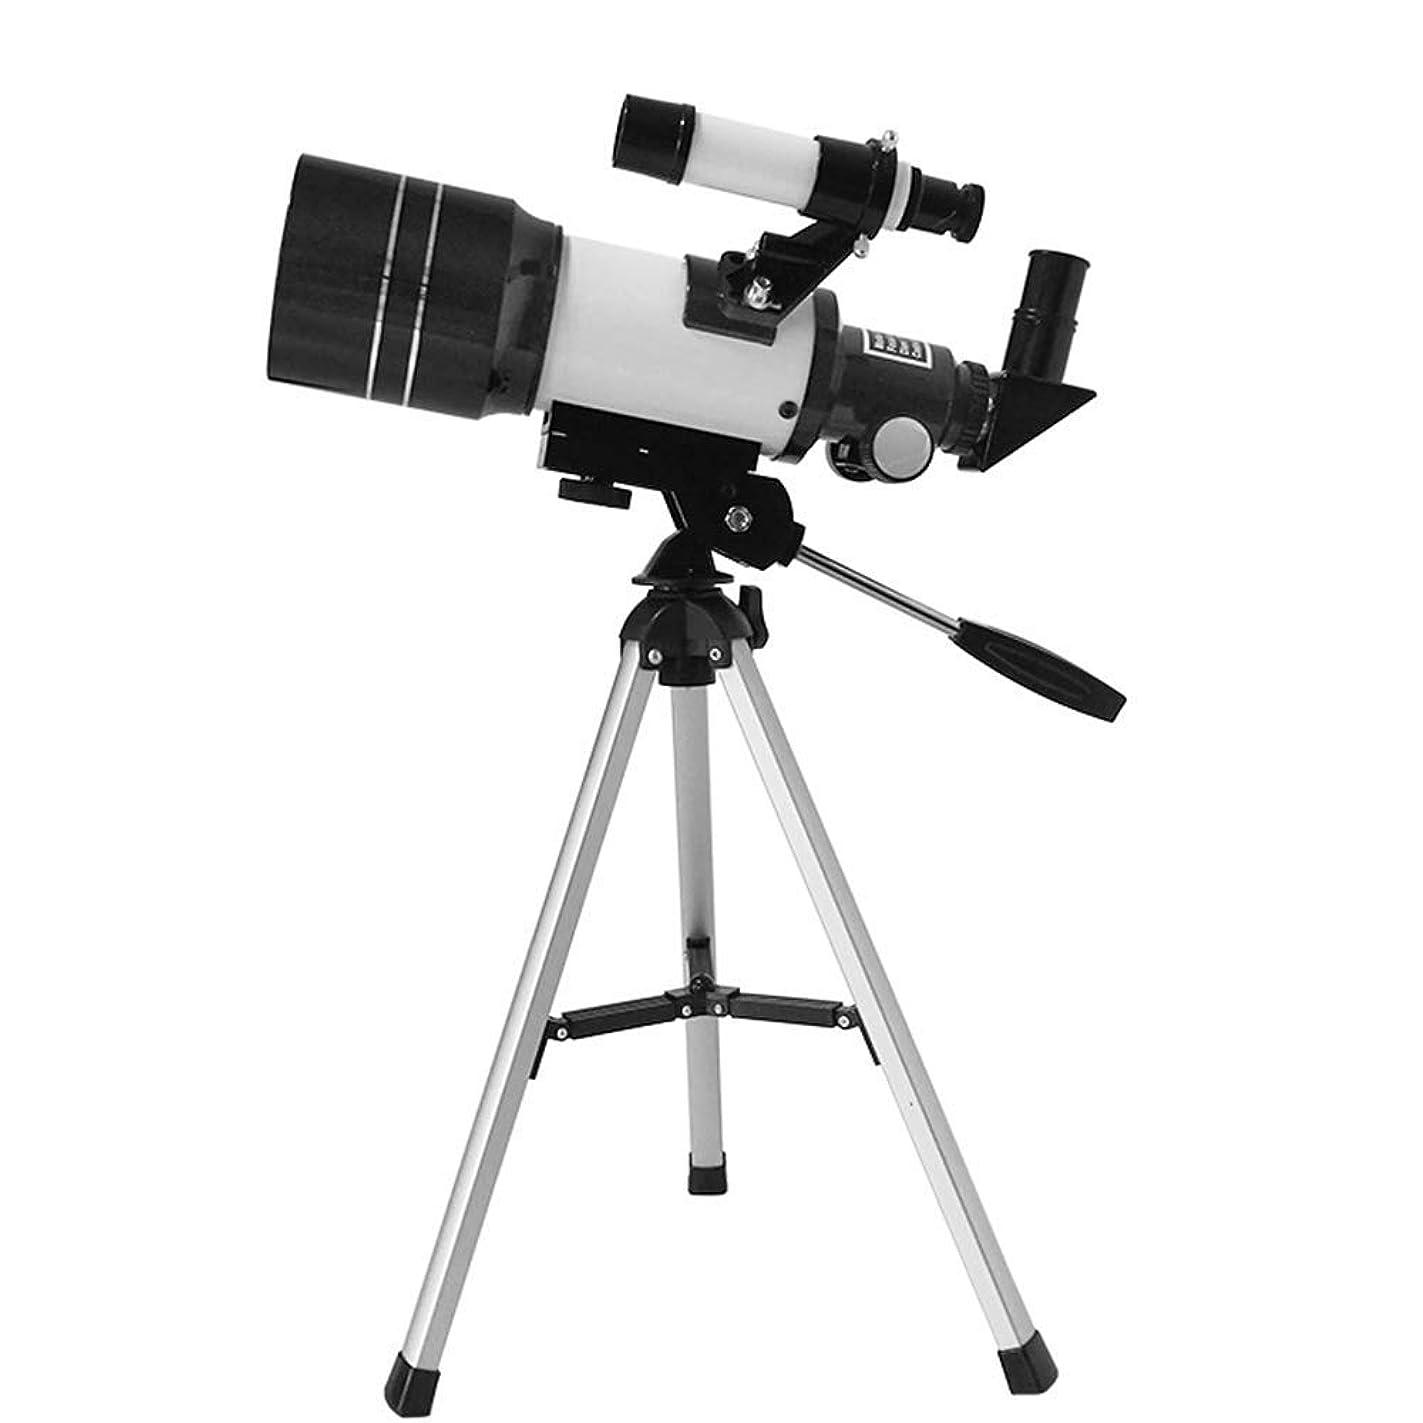 滑り台緊張怖がって死ぬ子供と初心者のための望遠鏡、プロの天体観測大人の天体望遠鏡旅行/コンサートのためのポータブル天体初心者望遠鏡